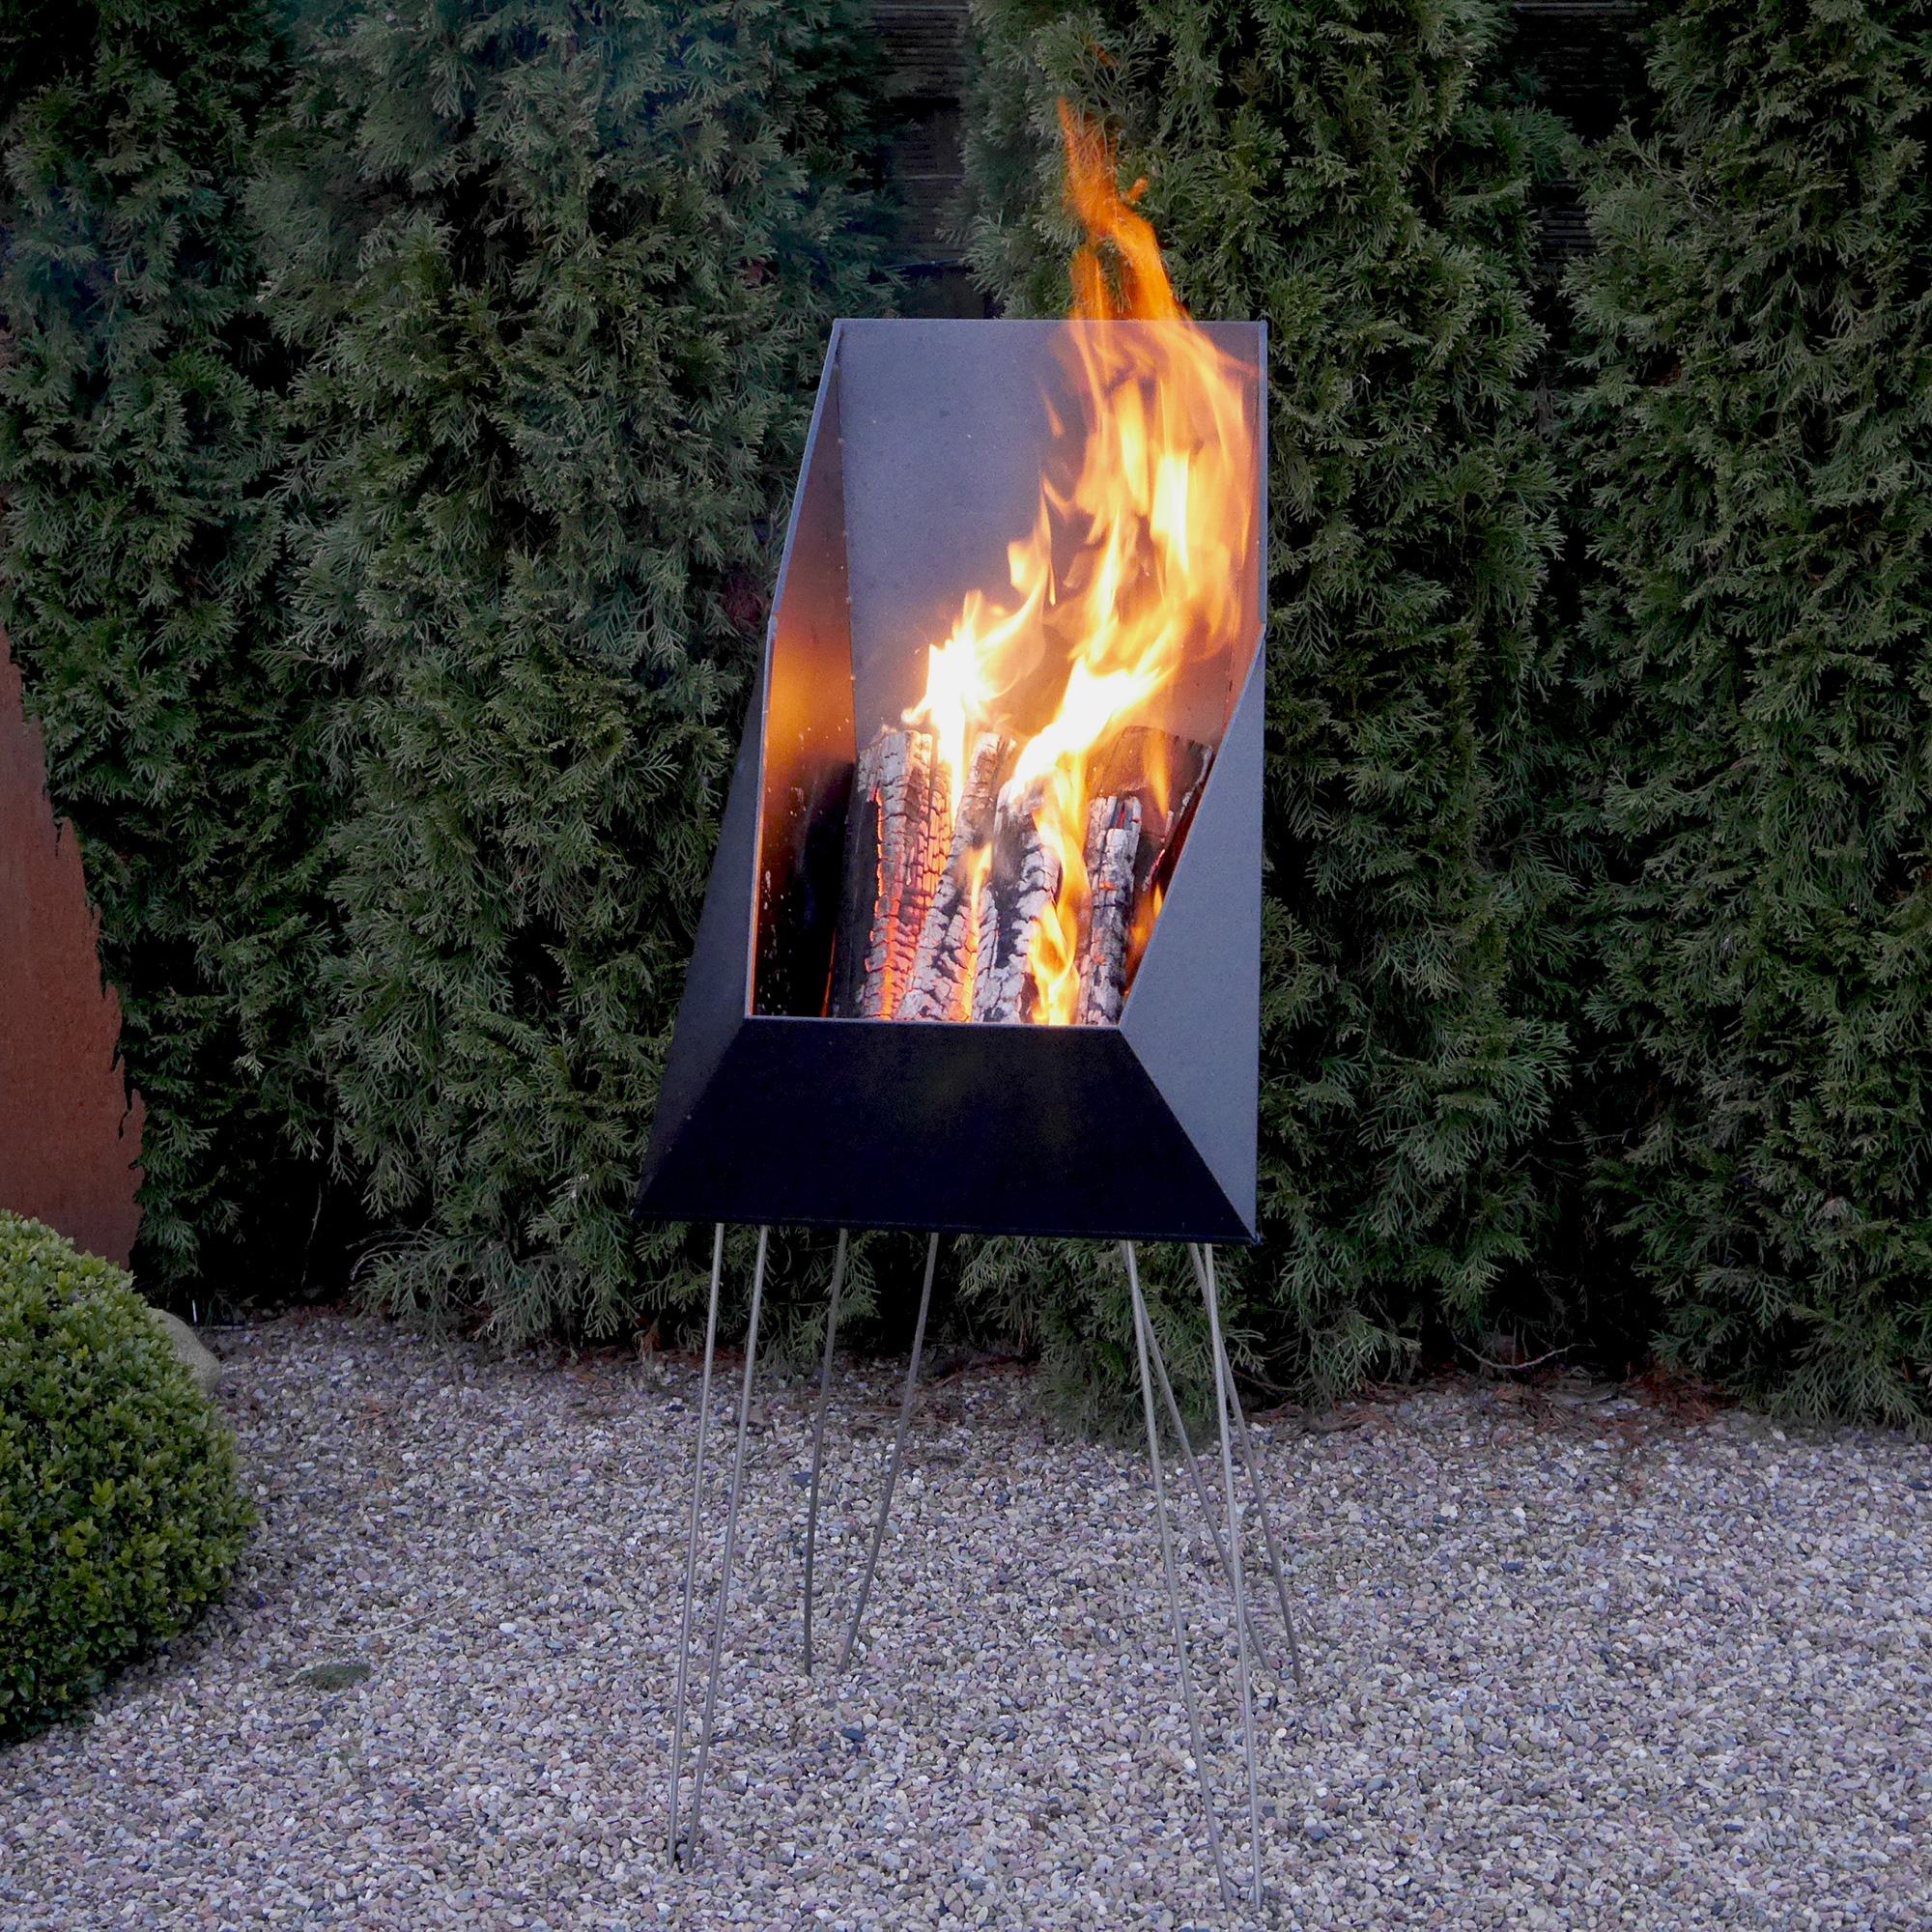 Vasner Merive Feuerstellen Serie Neue Design Feuerkorbe Fur Den Garten Manketech Gmbh